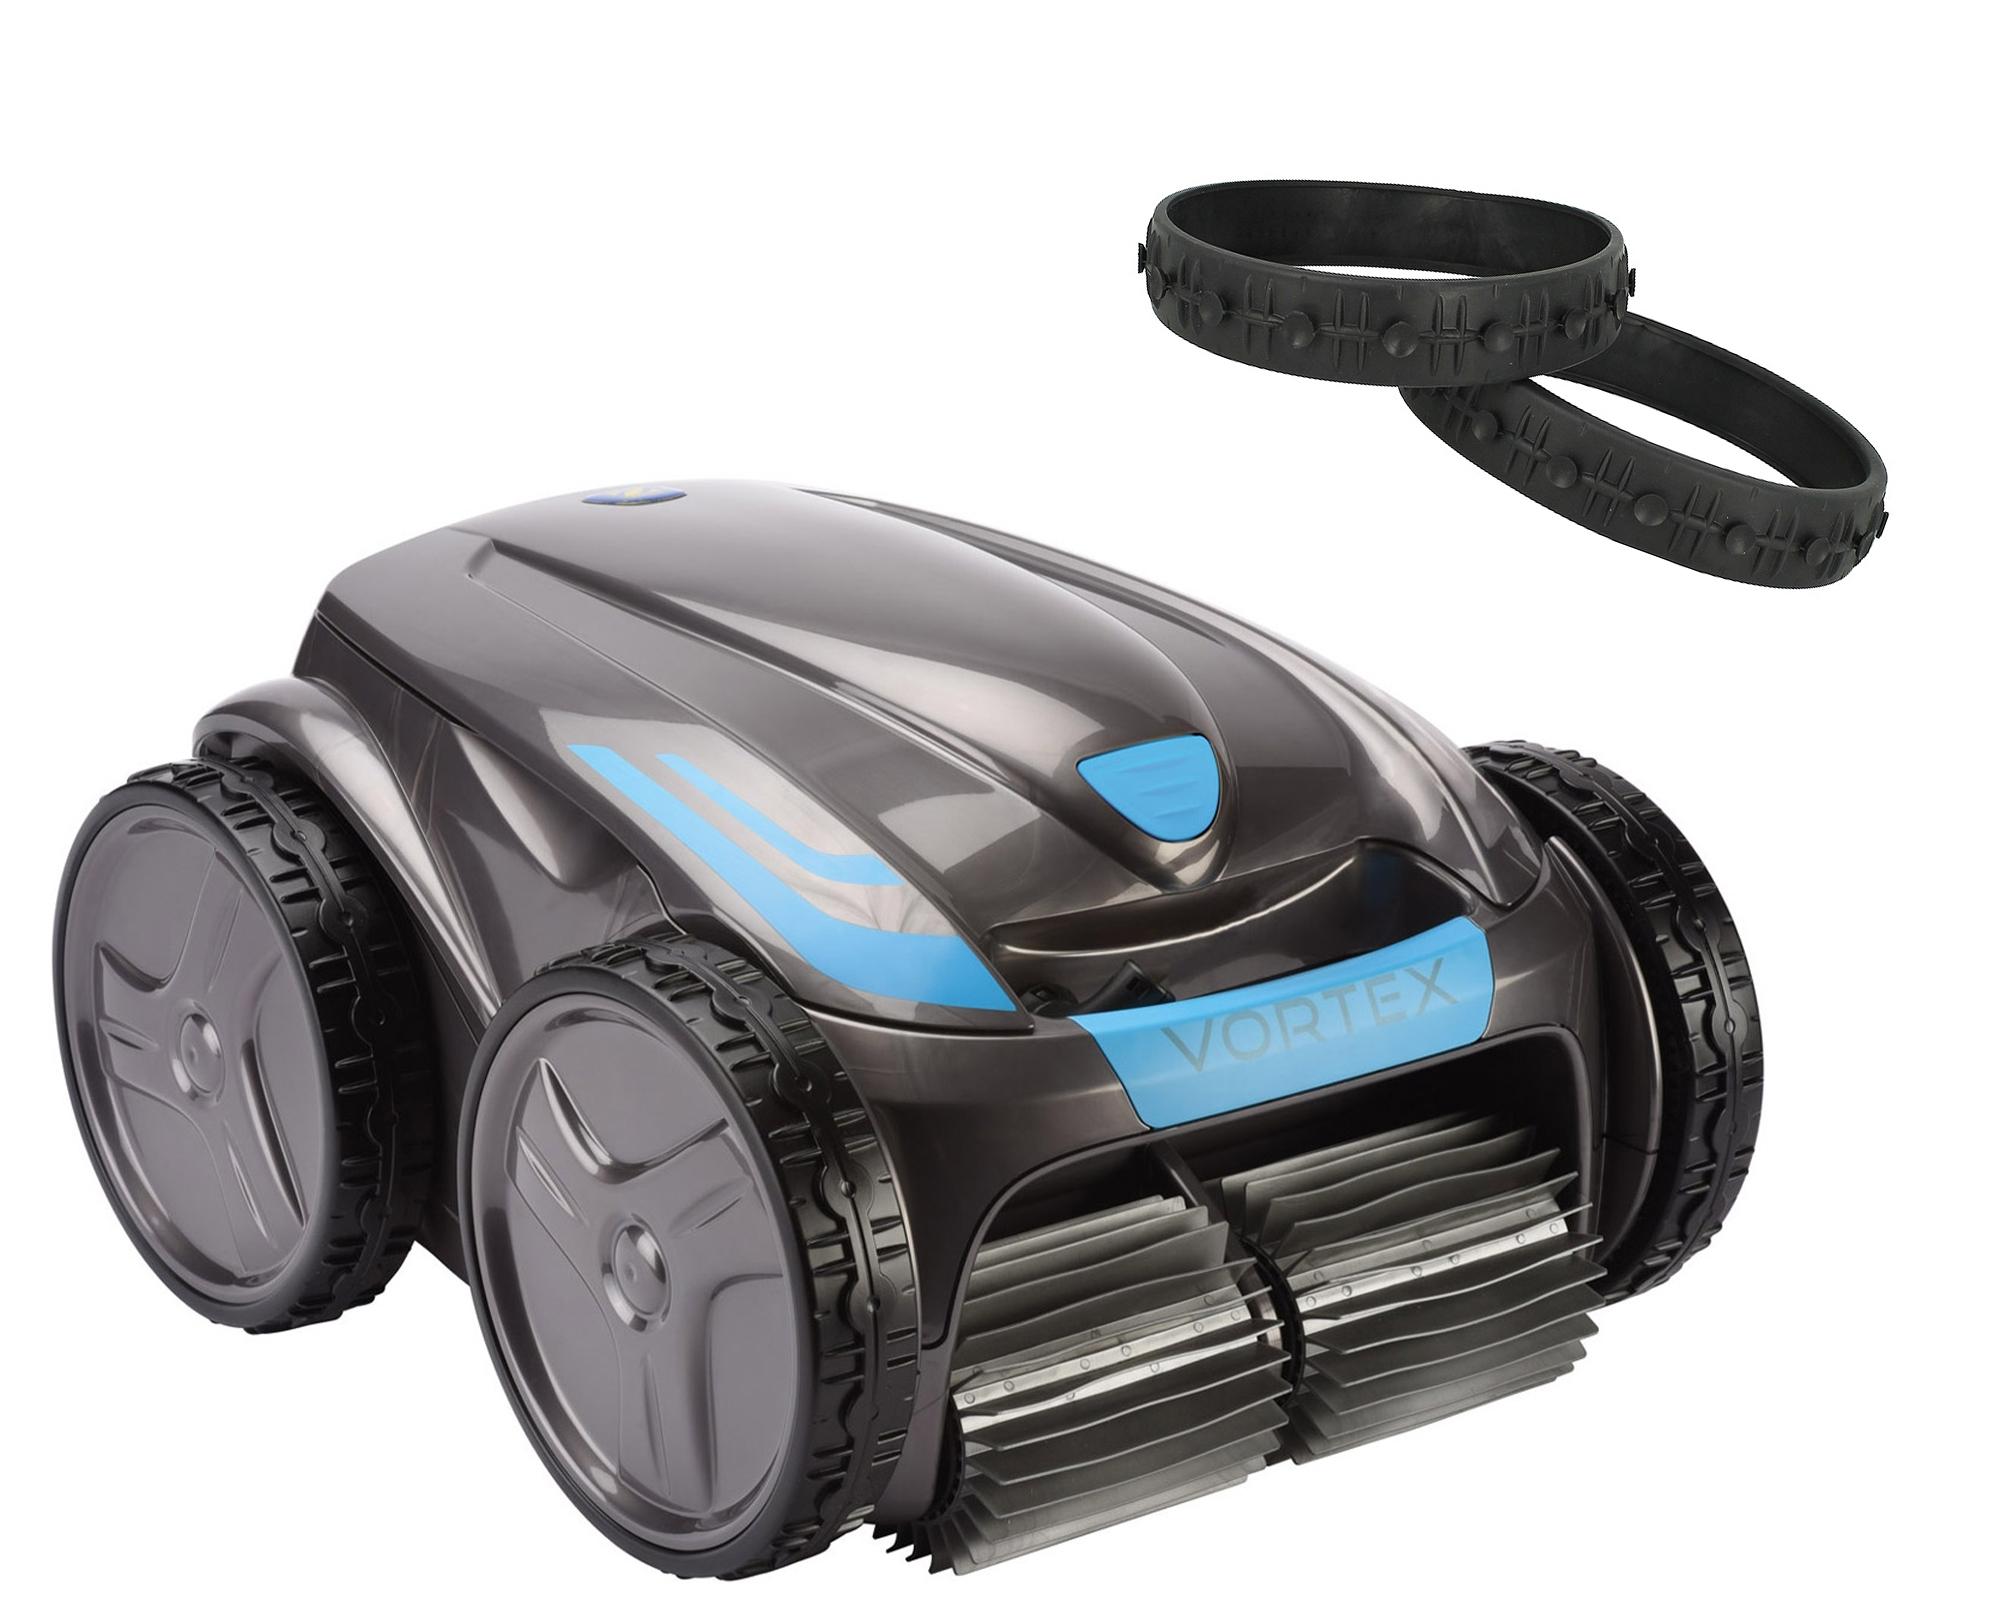 Zodiac Vortex OV 5300 SW Poolroboter Poolsauger mit Noppenreifen Set WR000162